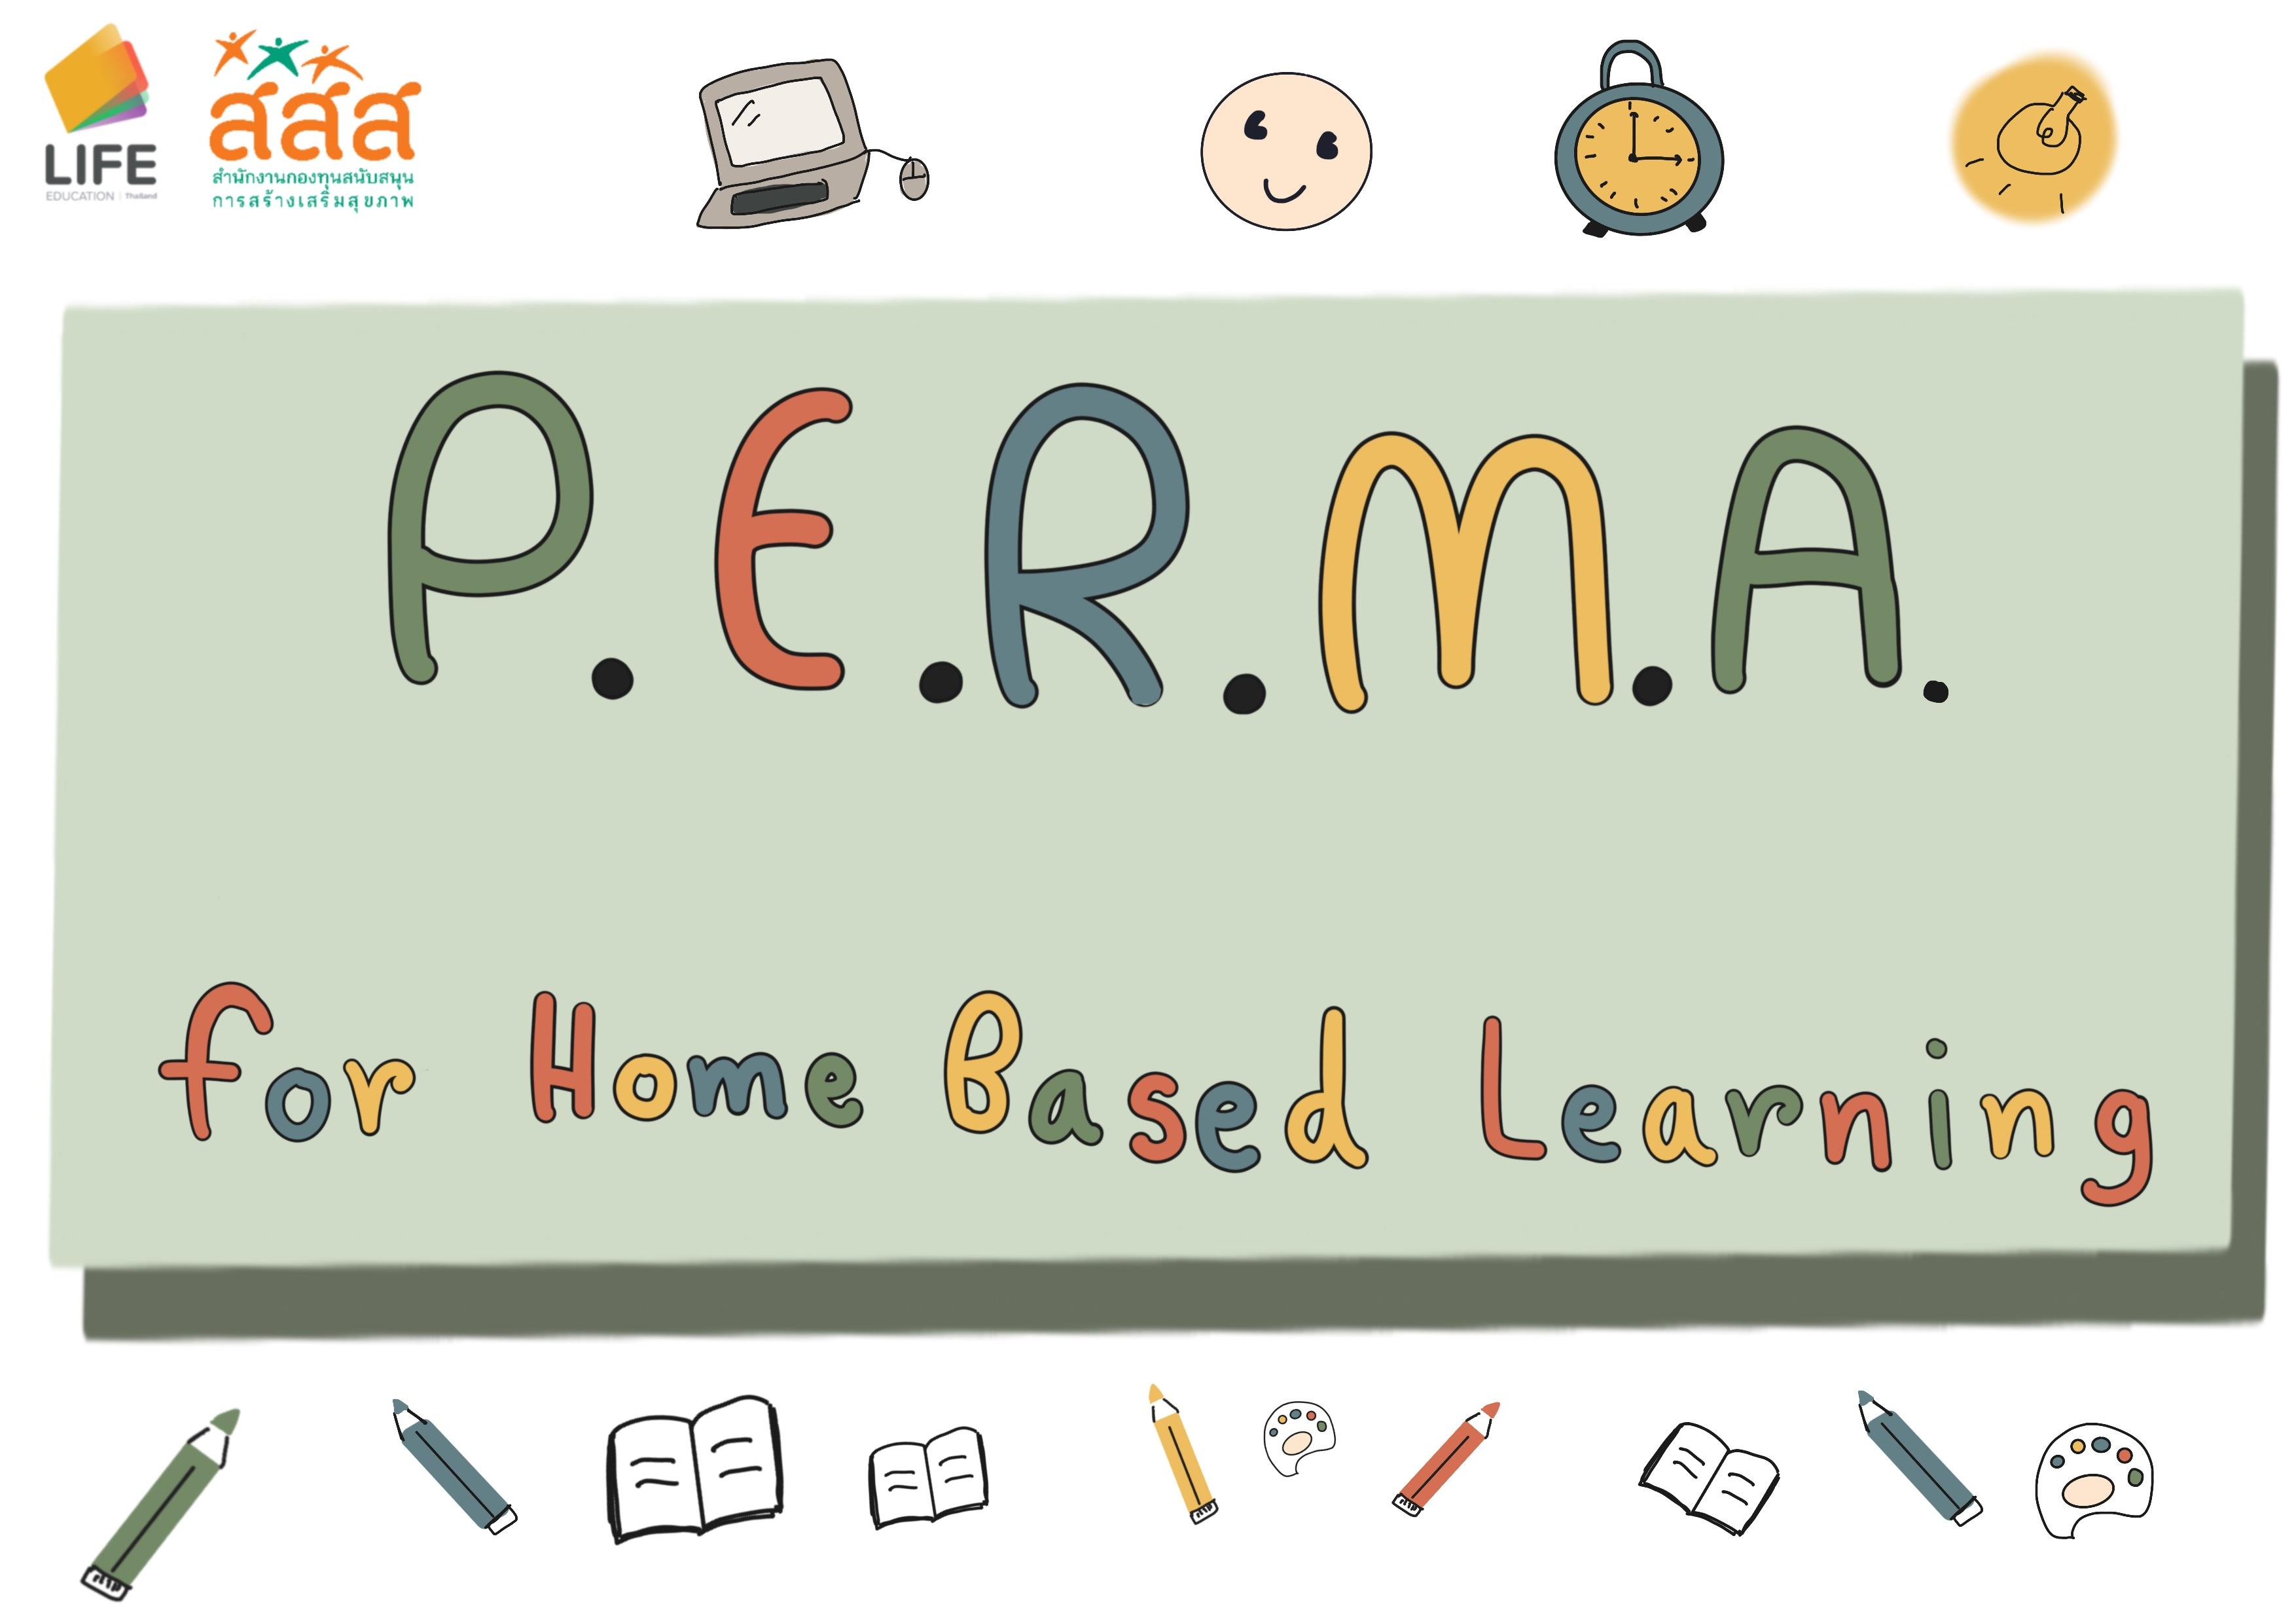 ภาพประกอบไอเดีย P.E.R.M.A. for home based learning